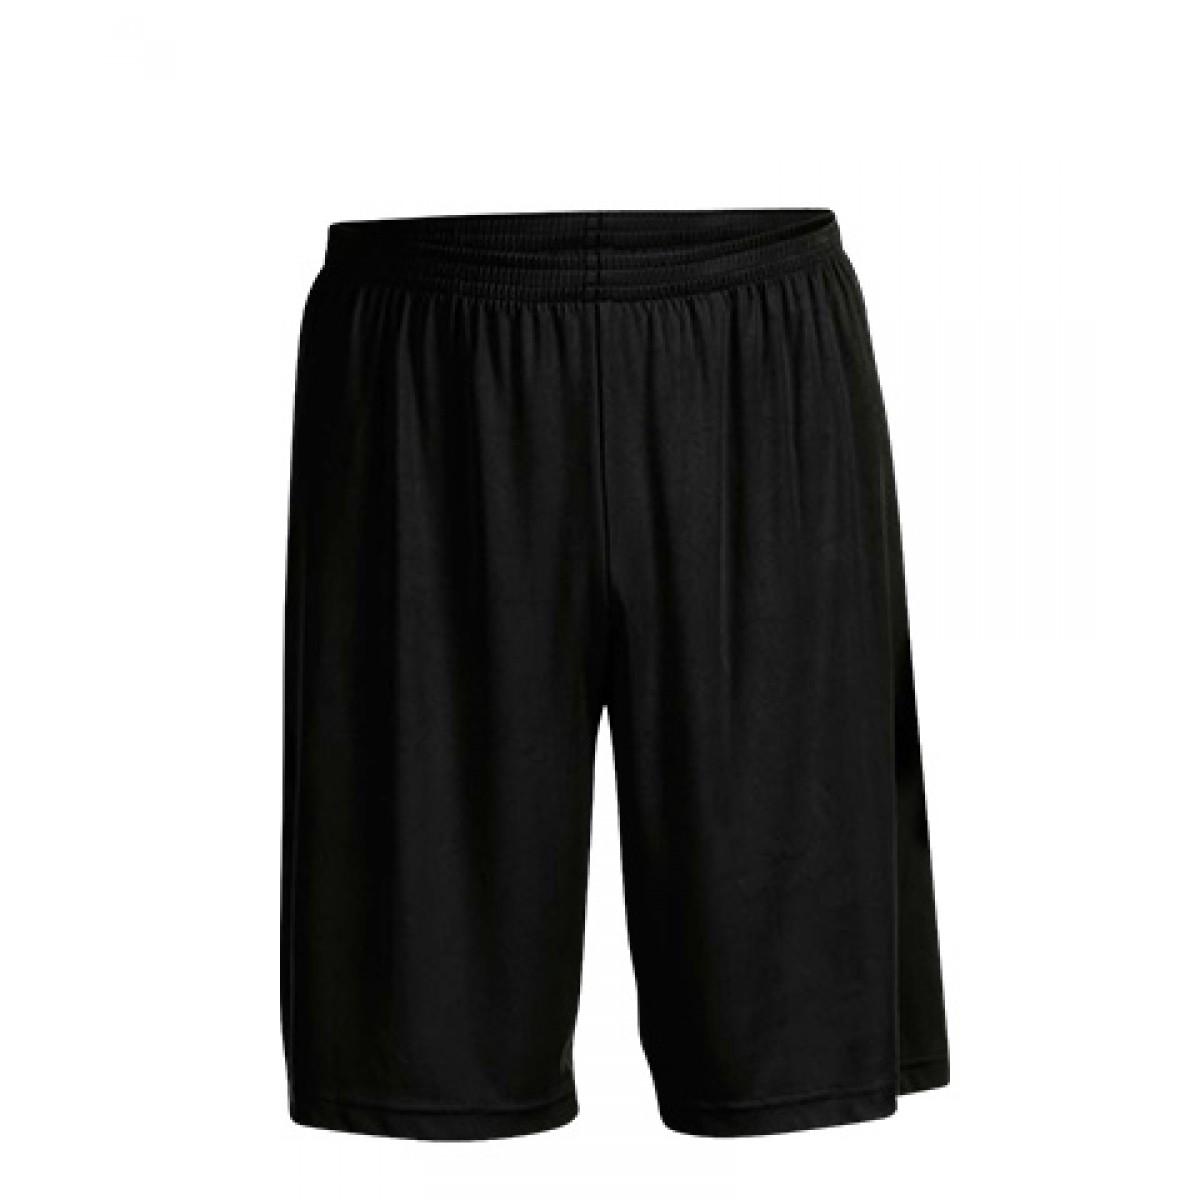 Men's Performance Shorts-Black-L